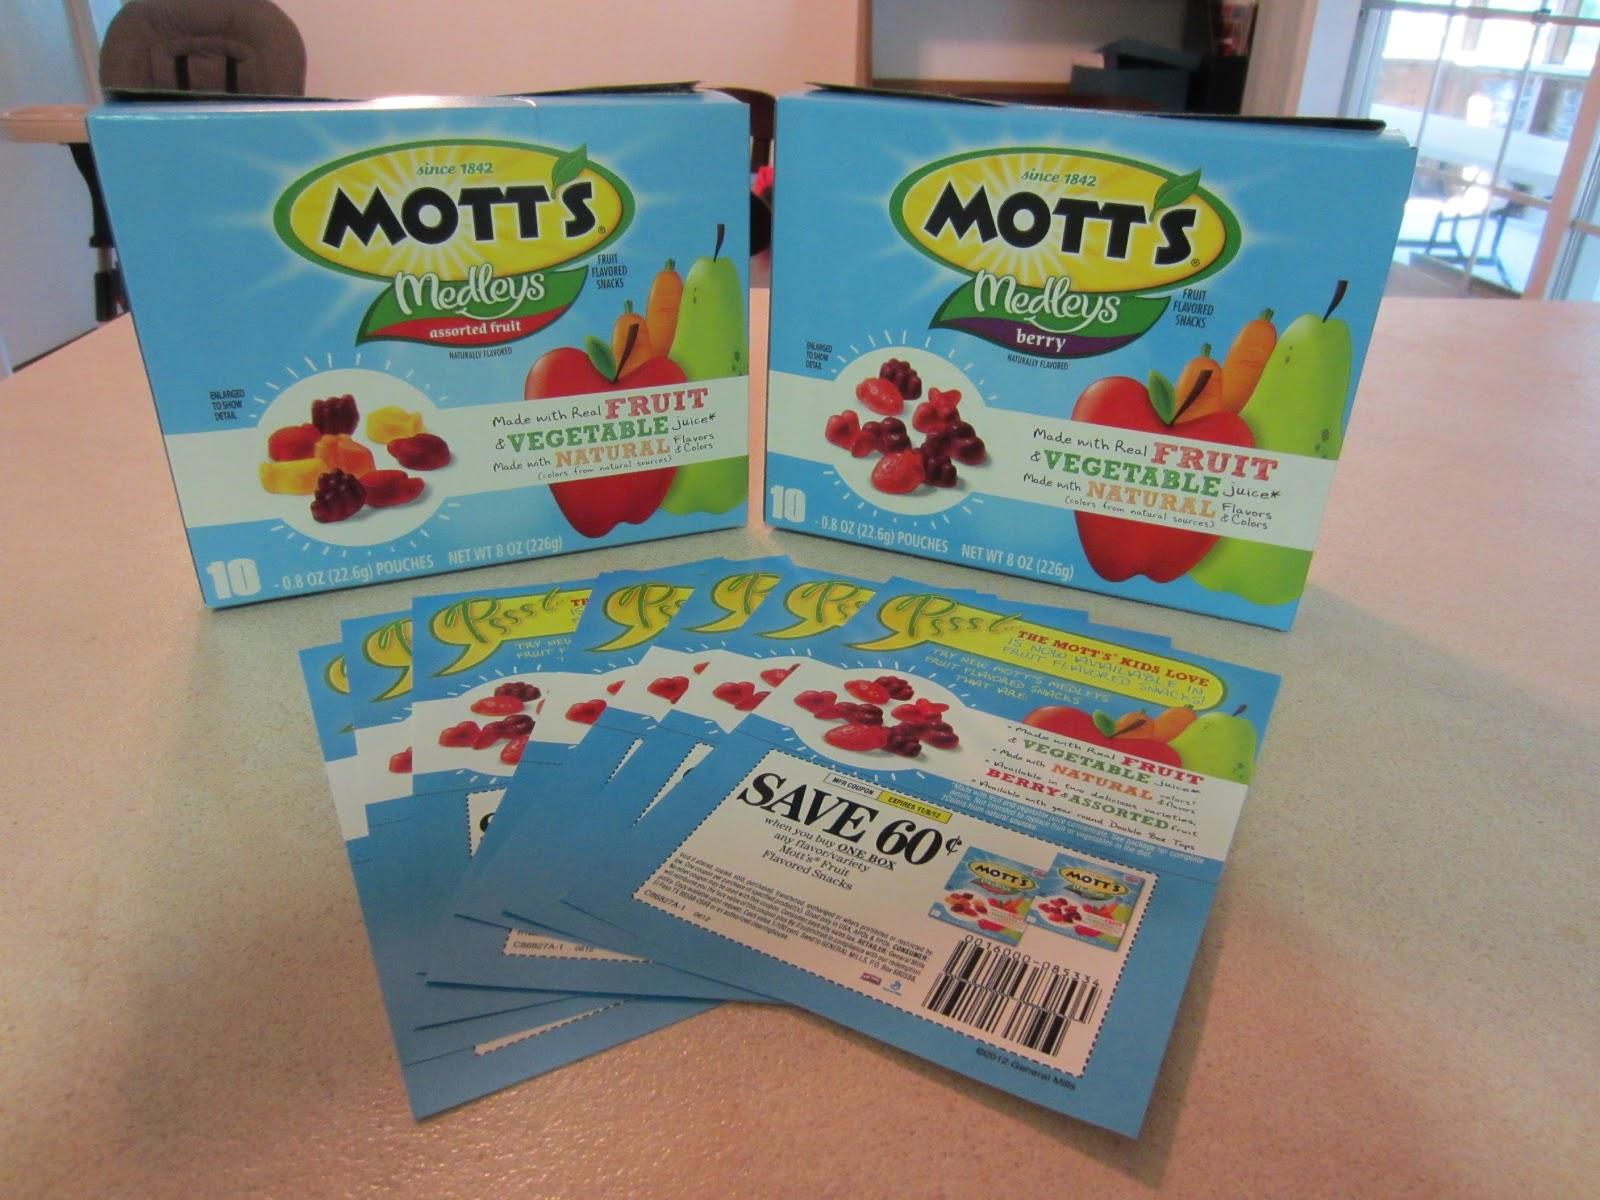 motts fruit snacks fruit of life